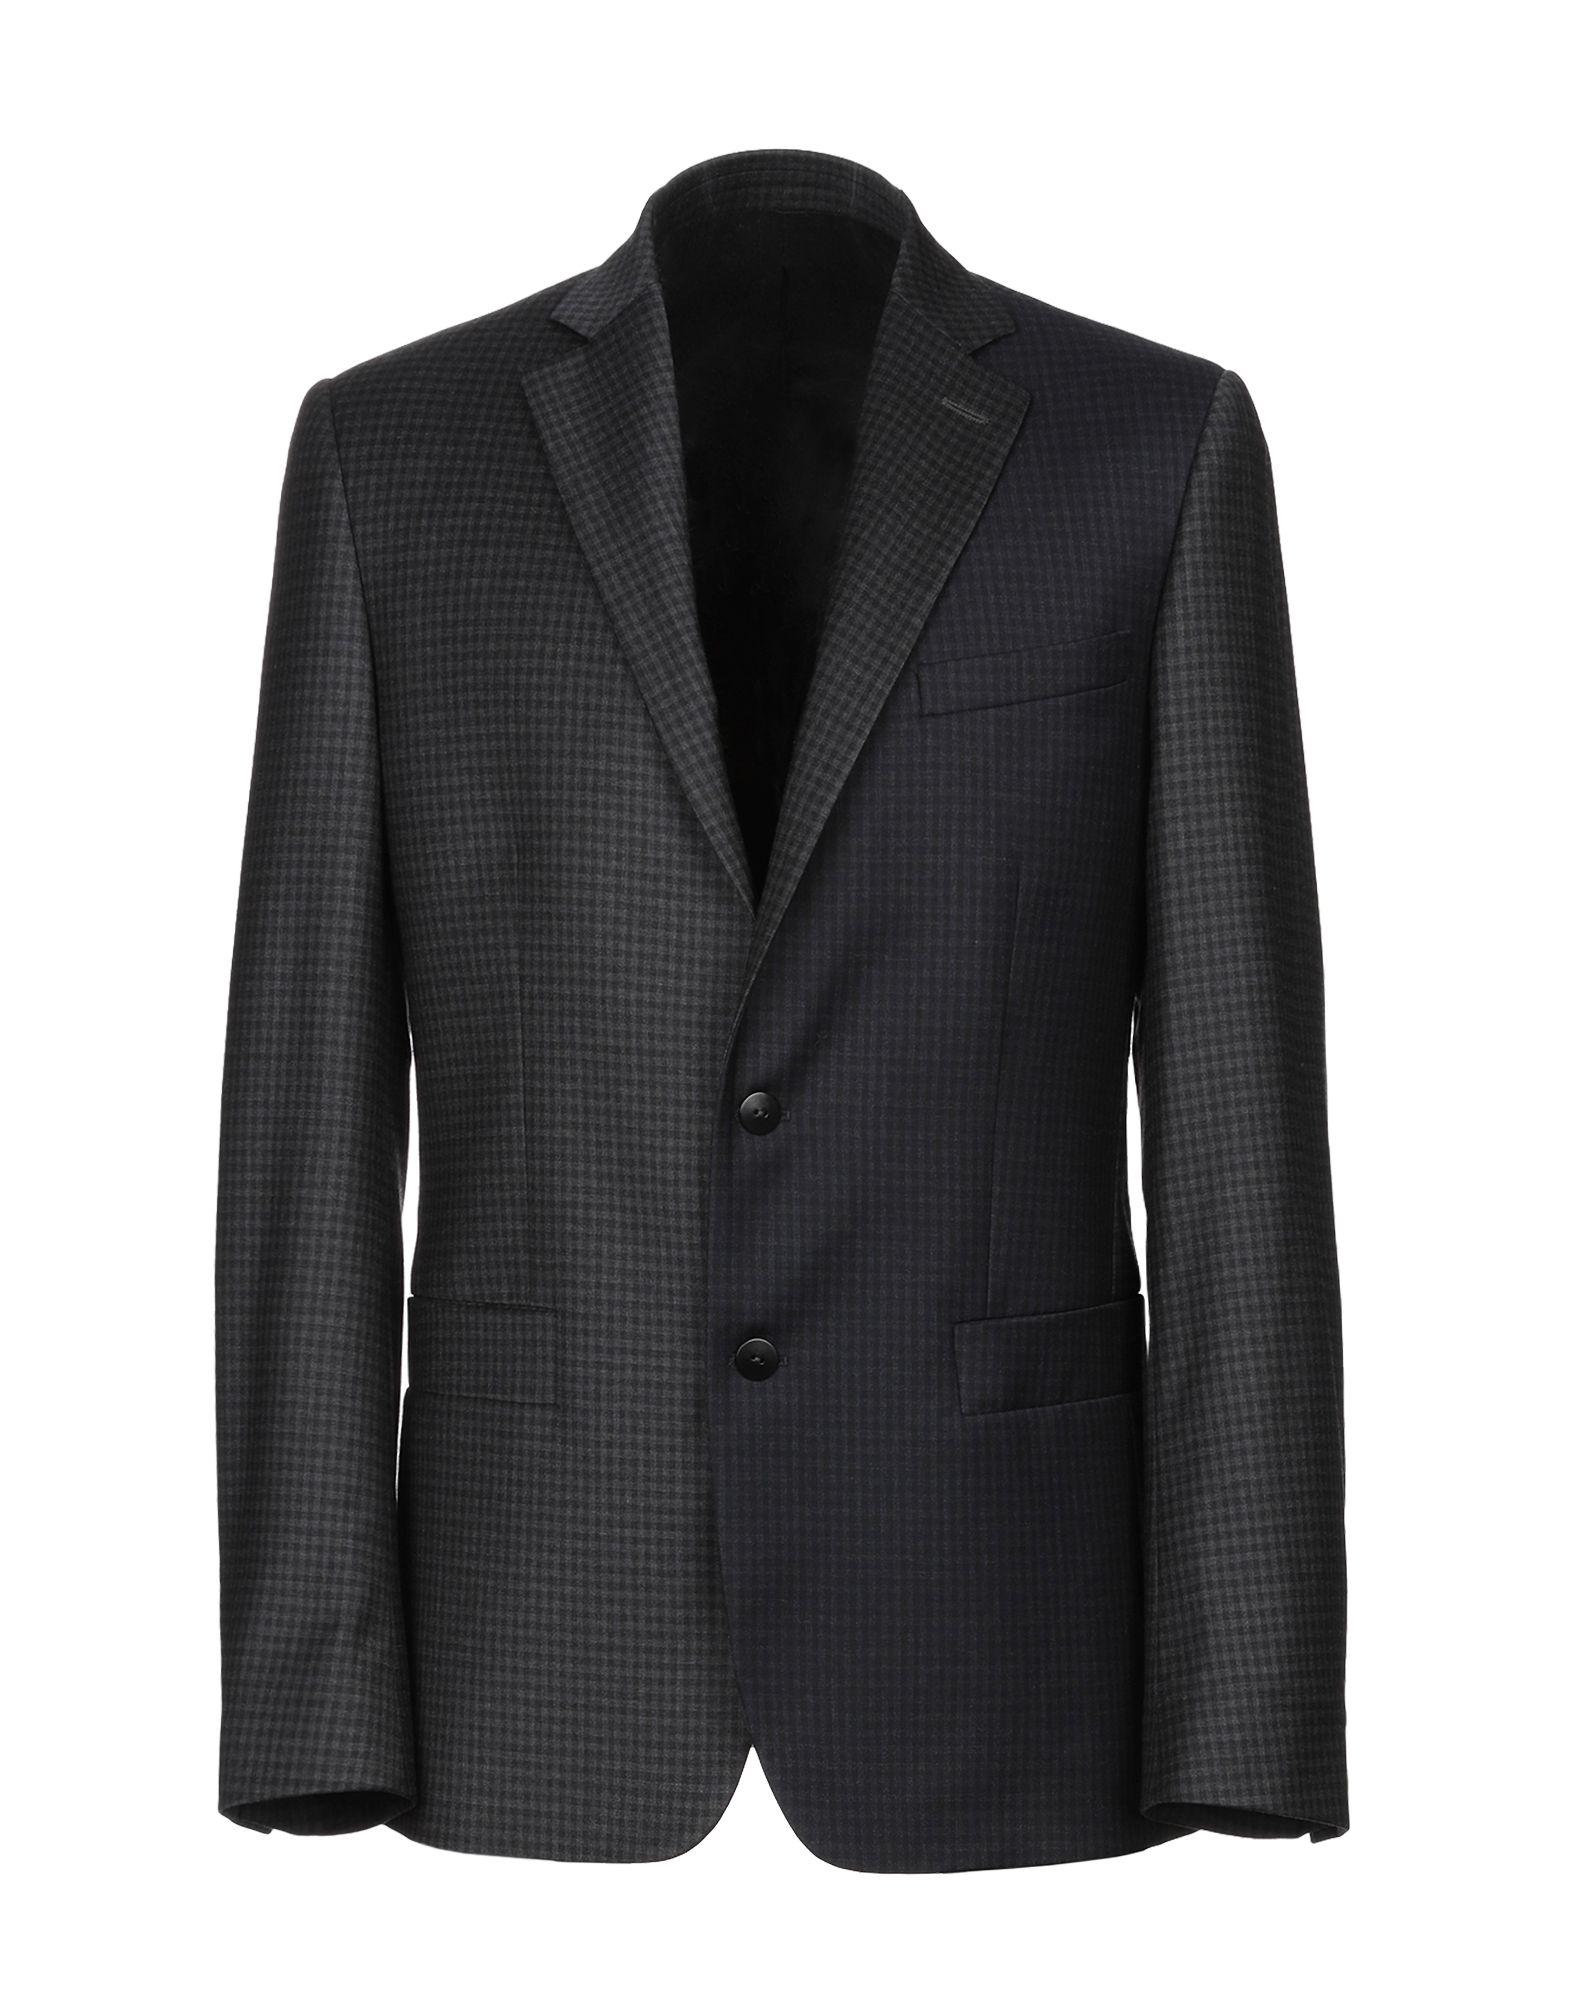 CEDRIC CHARLIER Пиджак шерстяной пиджак мужской в клетку